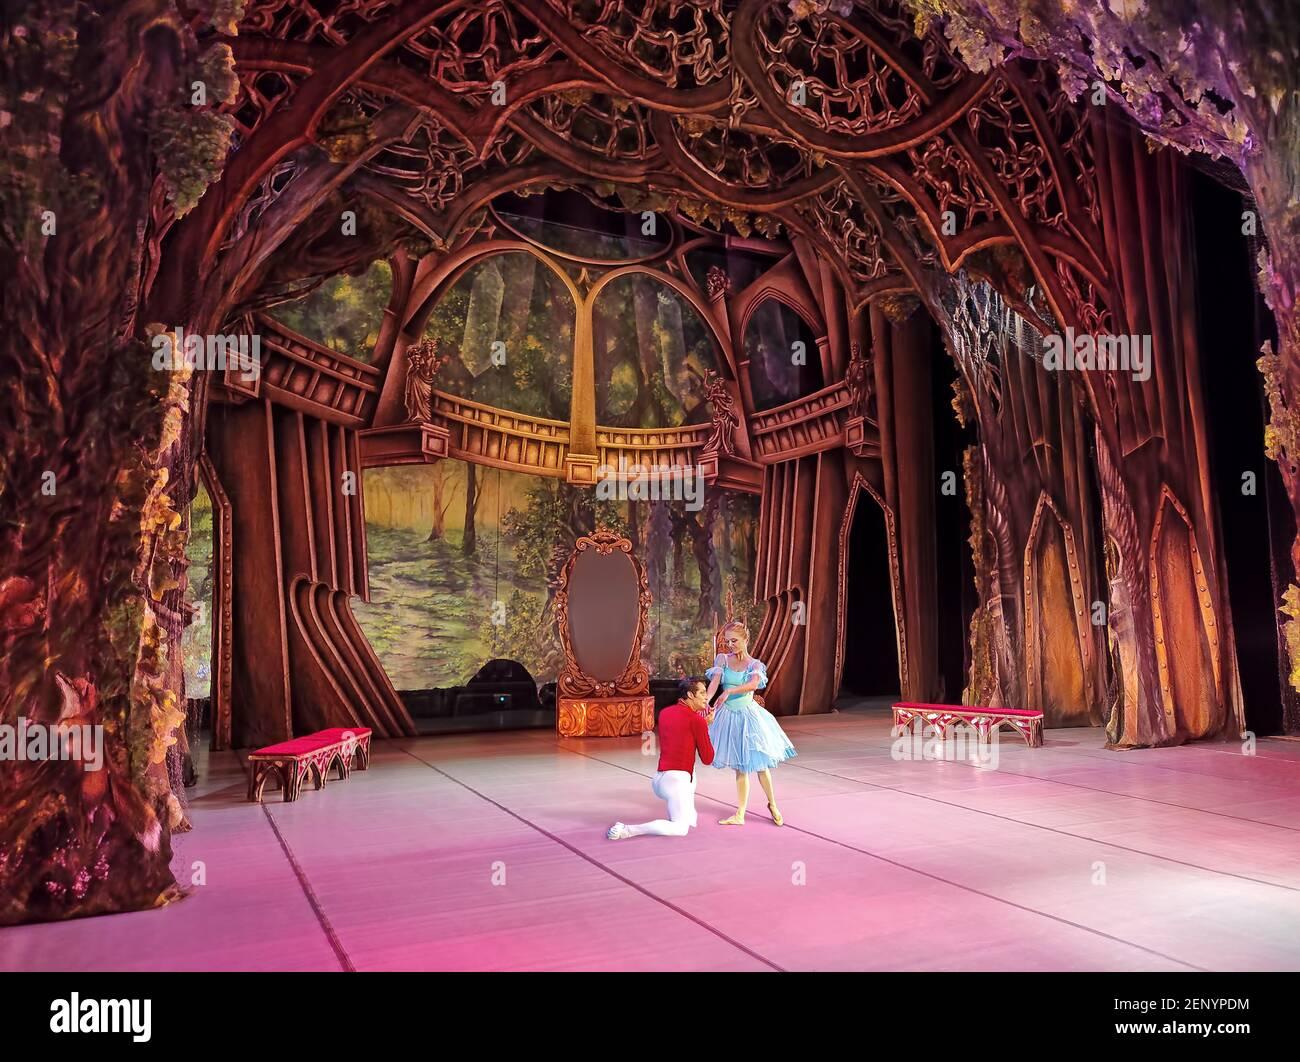 dnipro-ukraine-january-31-2021-ballet-da